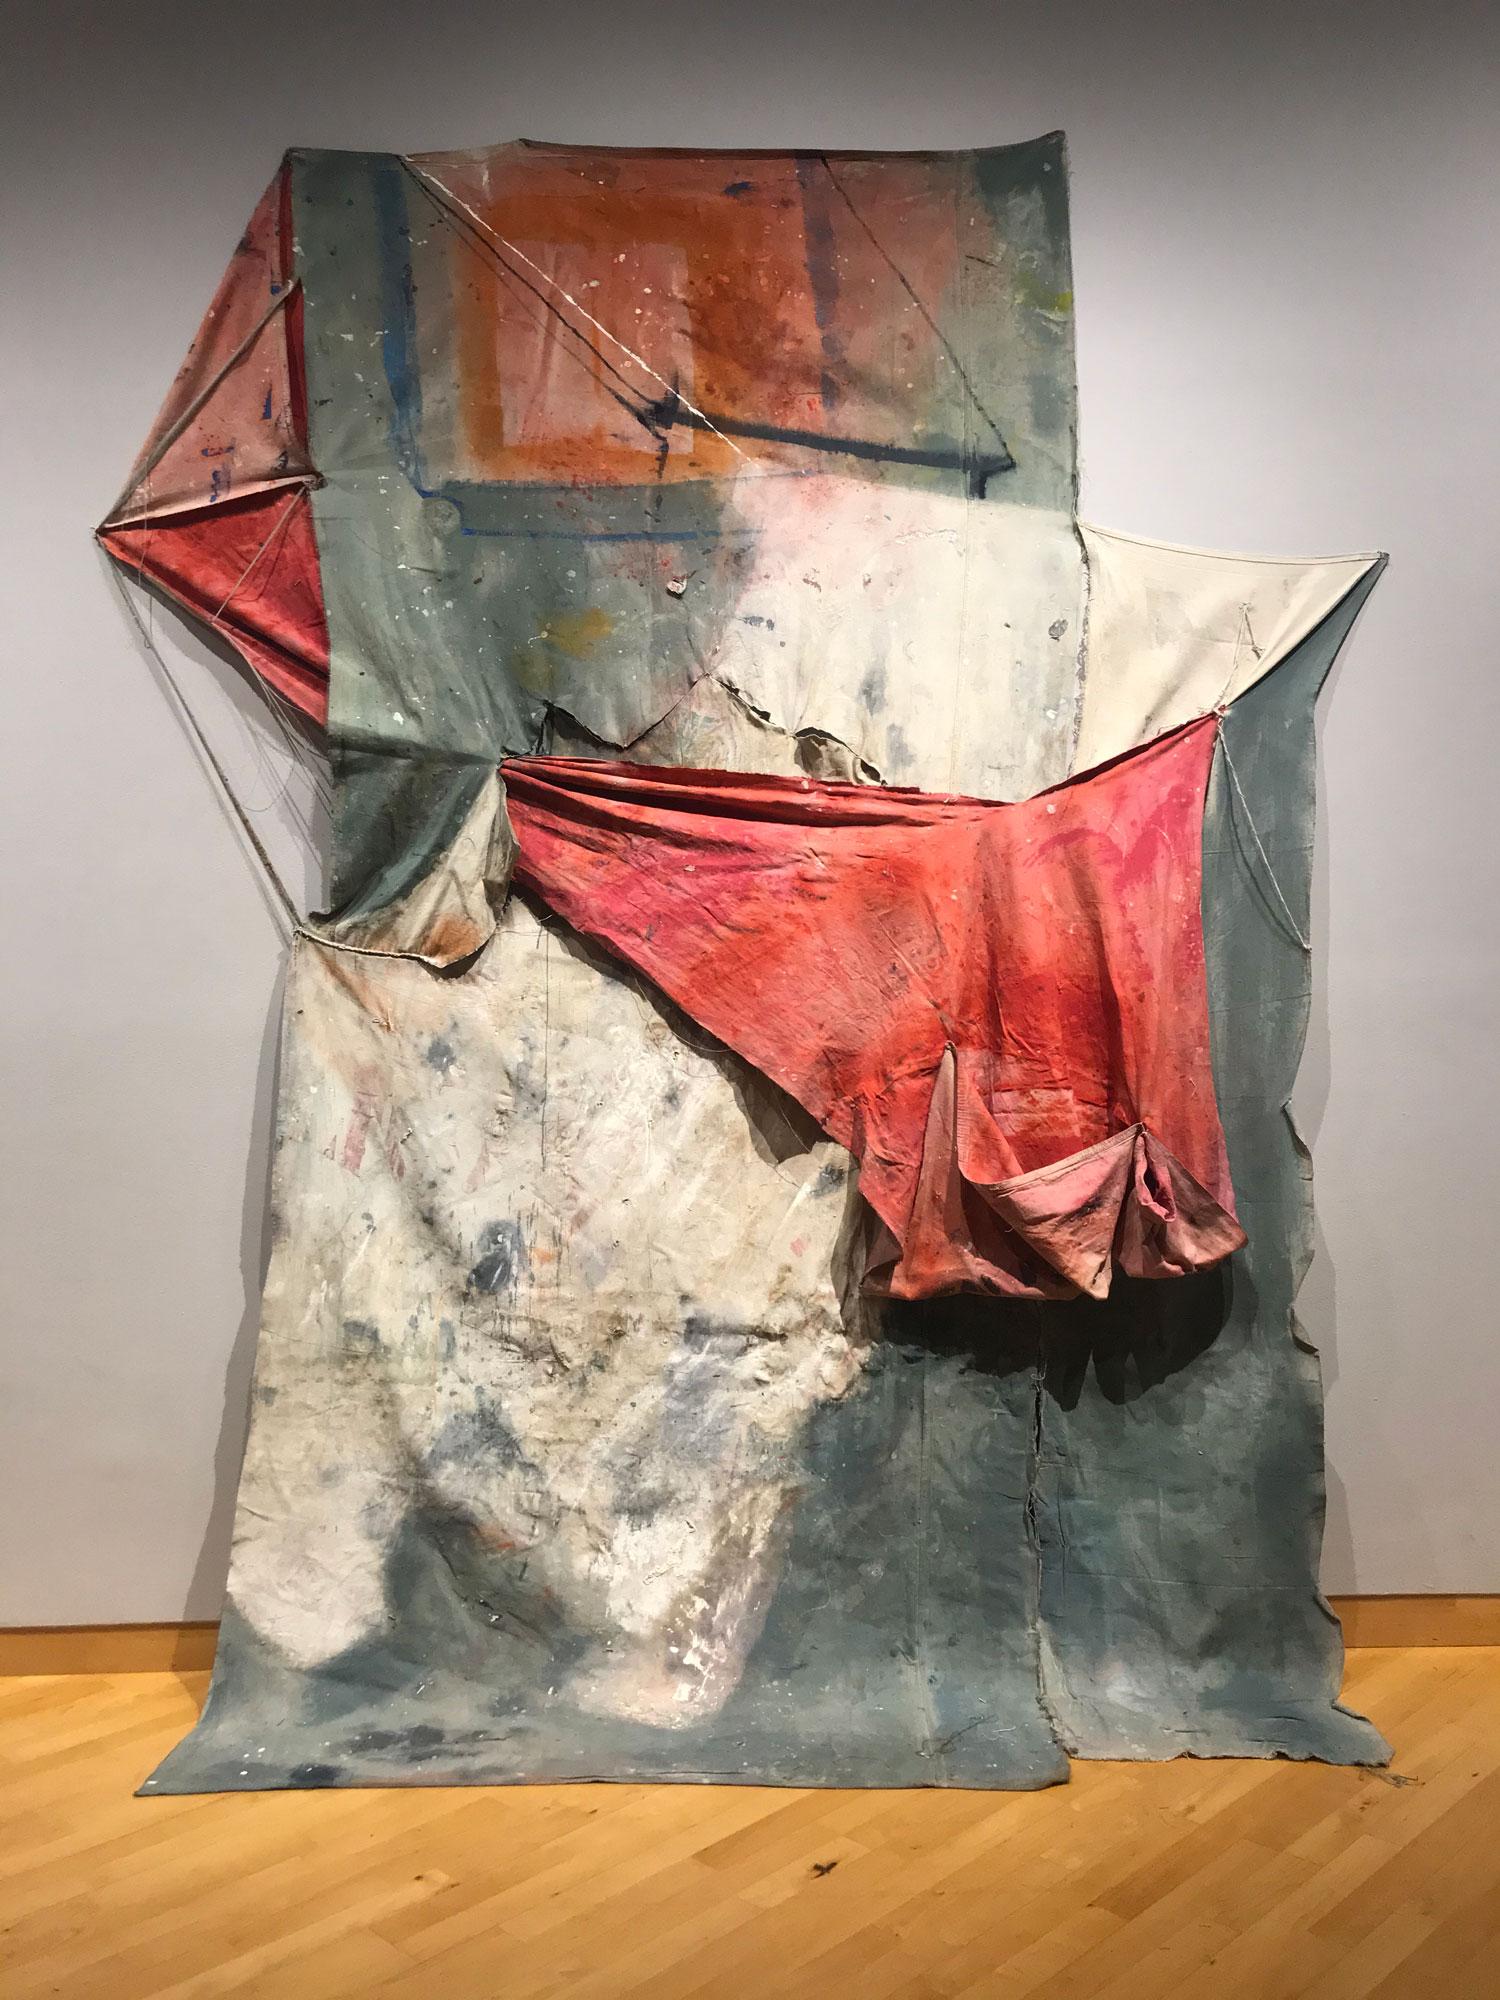 Rhonda_Massel_Donovan_002-Rhonda-Massel-Donovan,-Avanti,-Avanti,-Avanti,-2020,-oil-and-acrylic-paint,-thread,-canvas,-drapery-fabric,-138_-x-99_